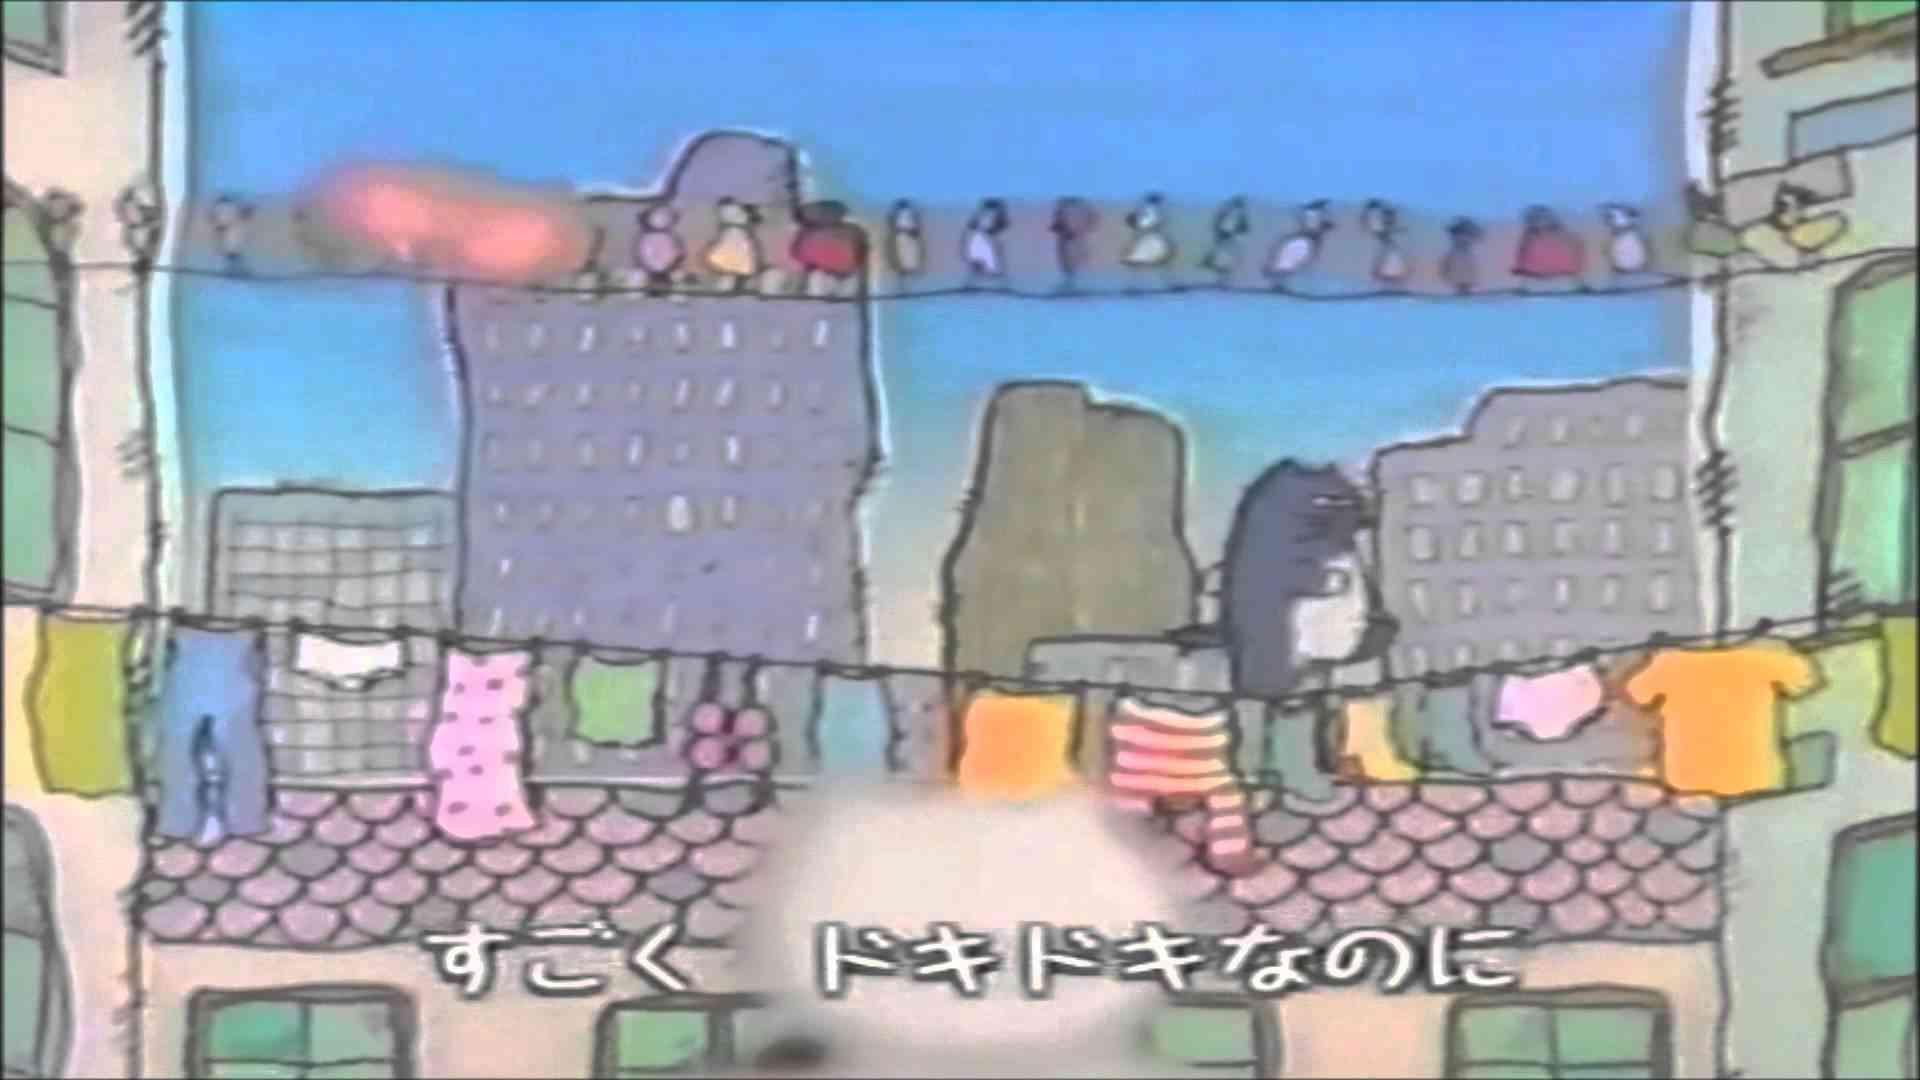 ゴロちゃん - YouTube